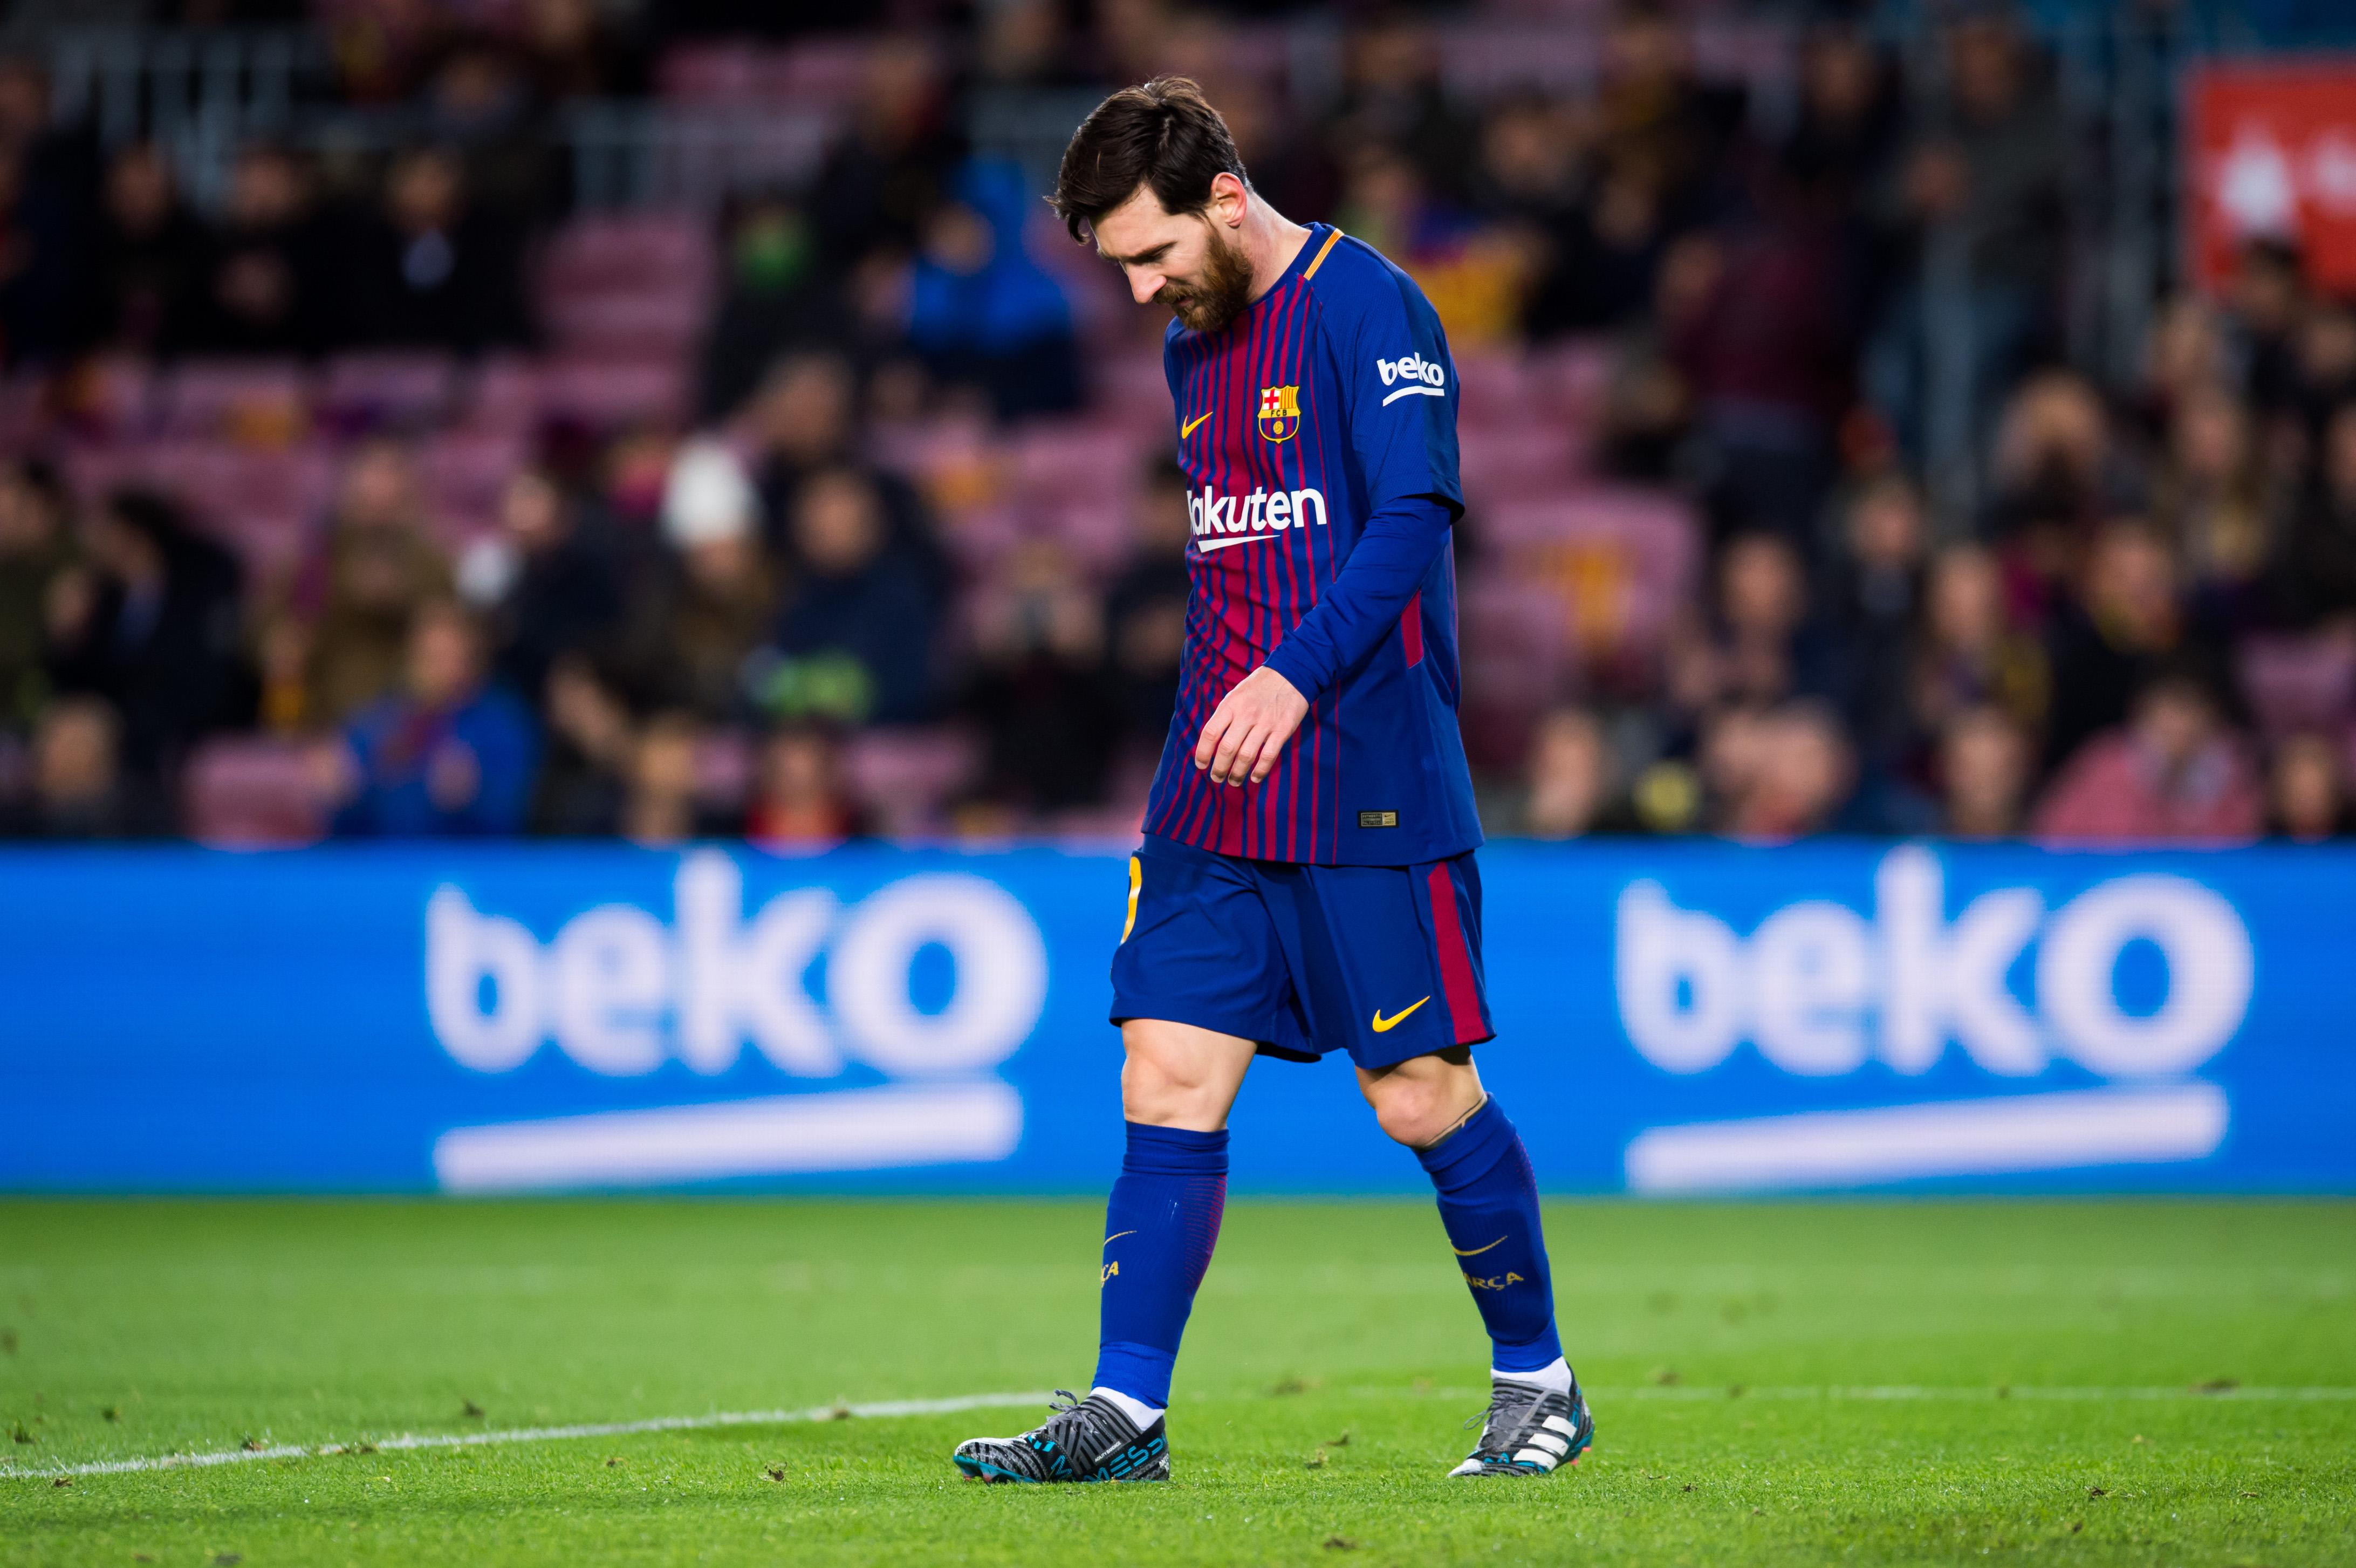 barcelona, nou camp, messi, messi en el nou camp